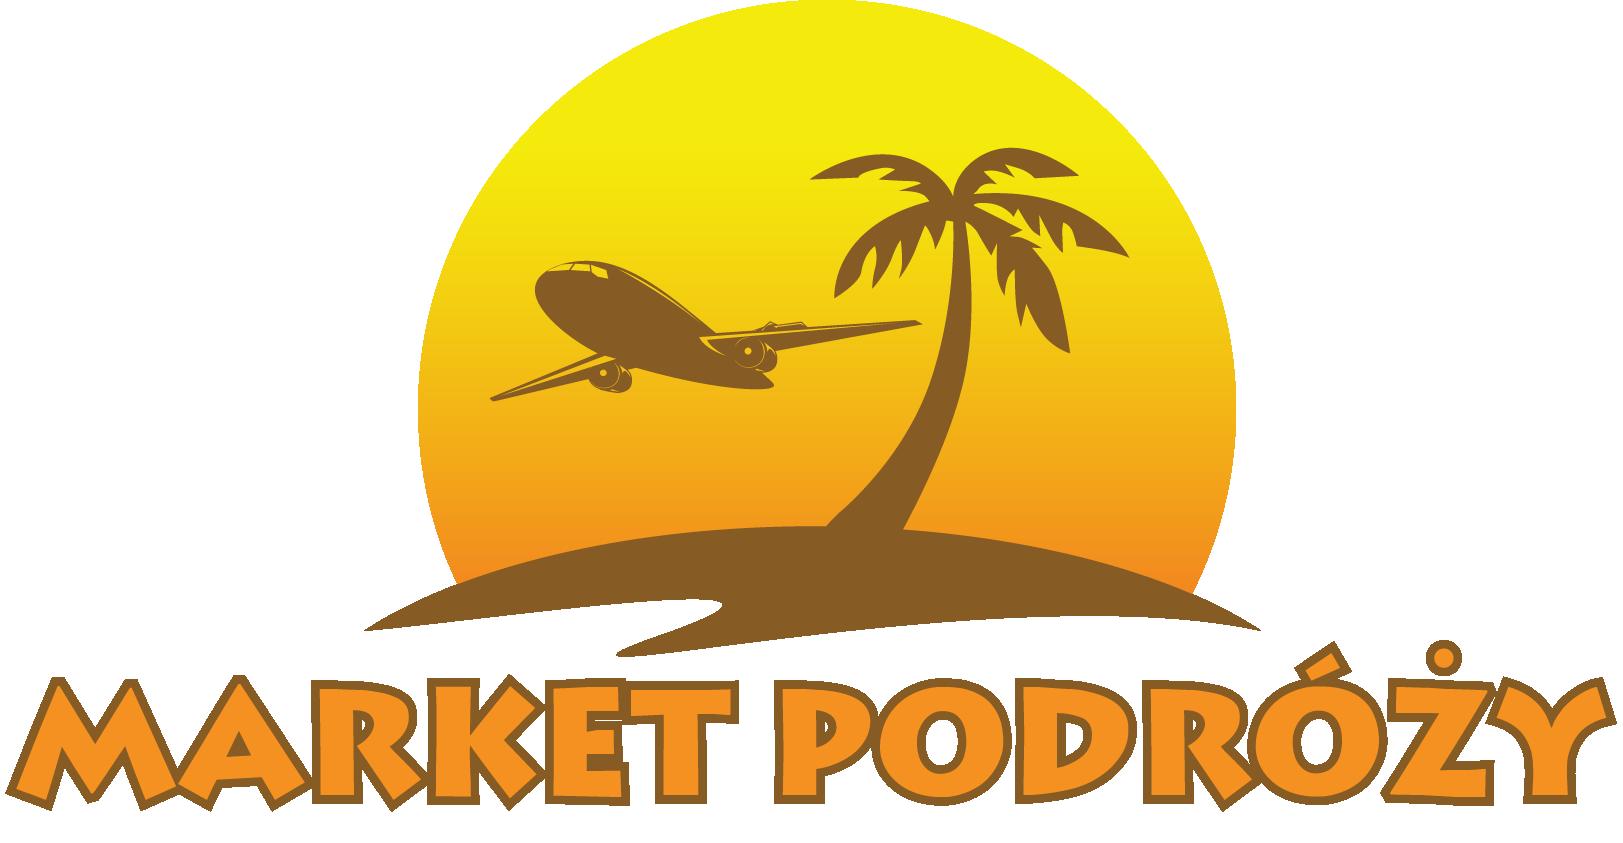 Market Podróży